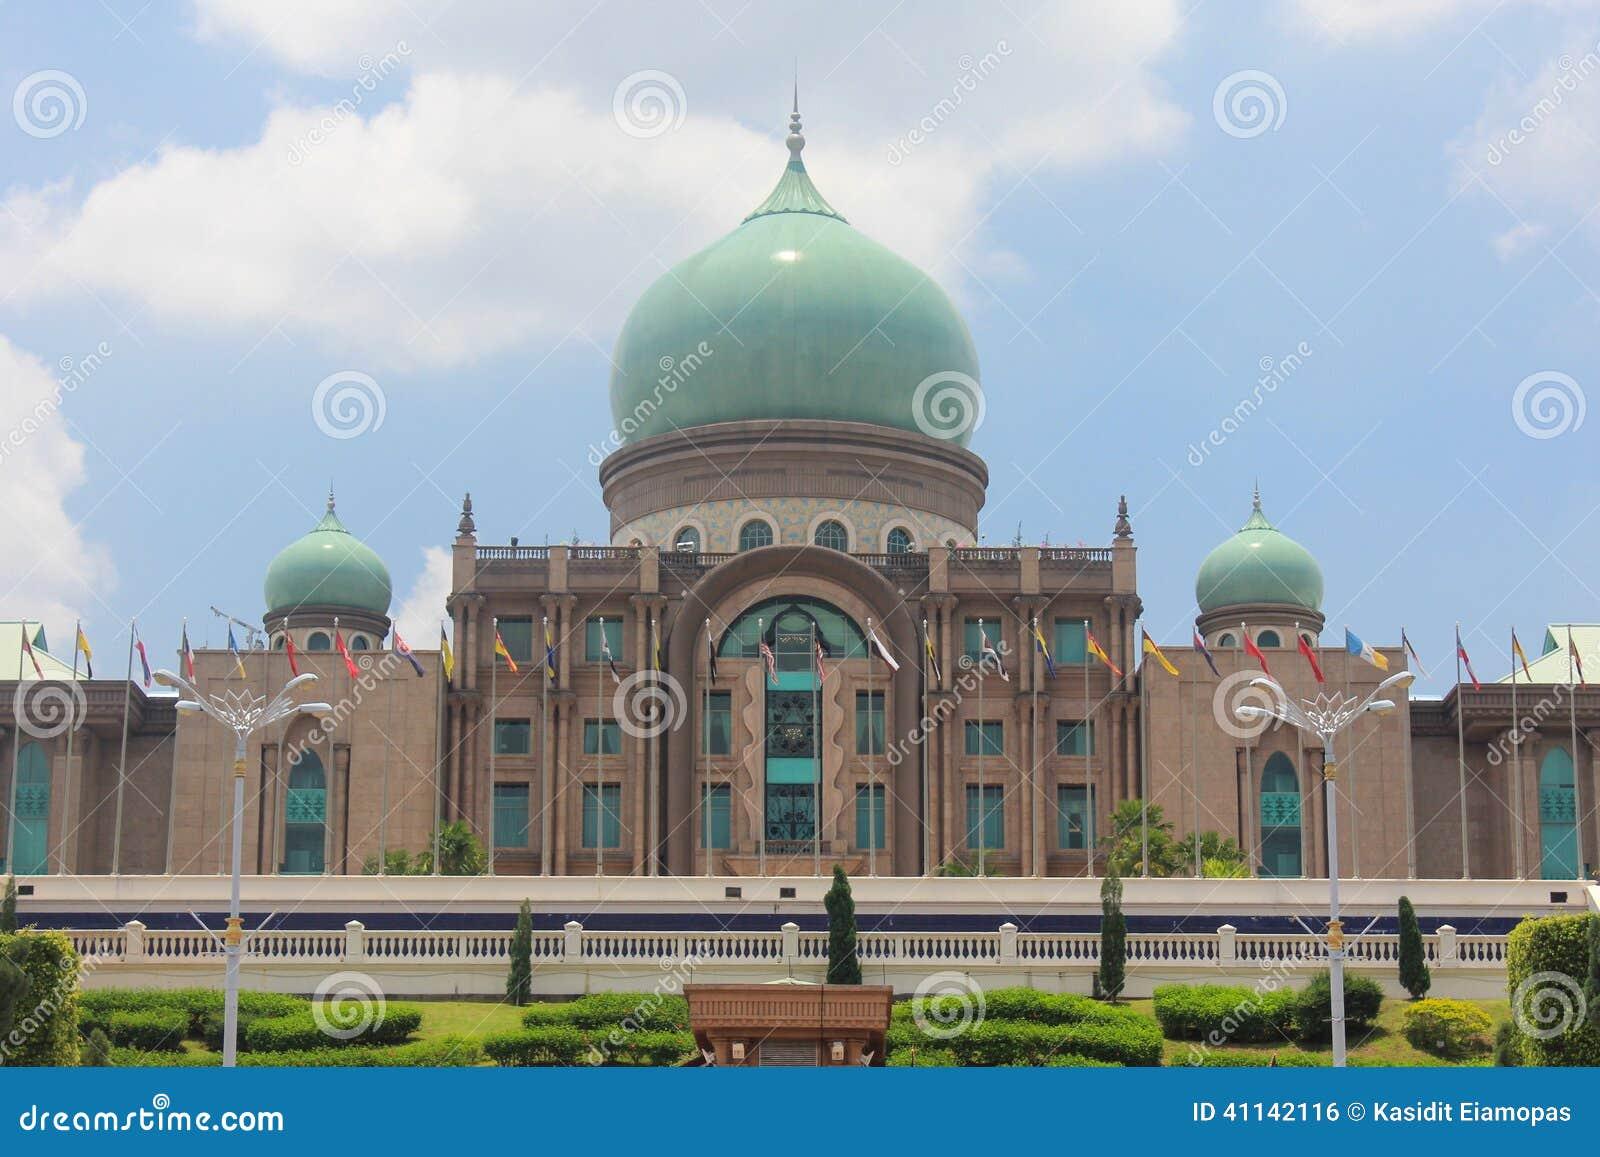 伊斯兰教的建筑学,布城,马来西亚图片